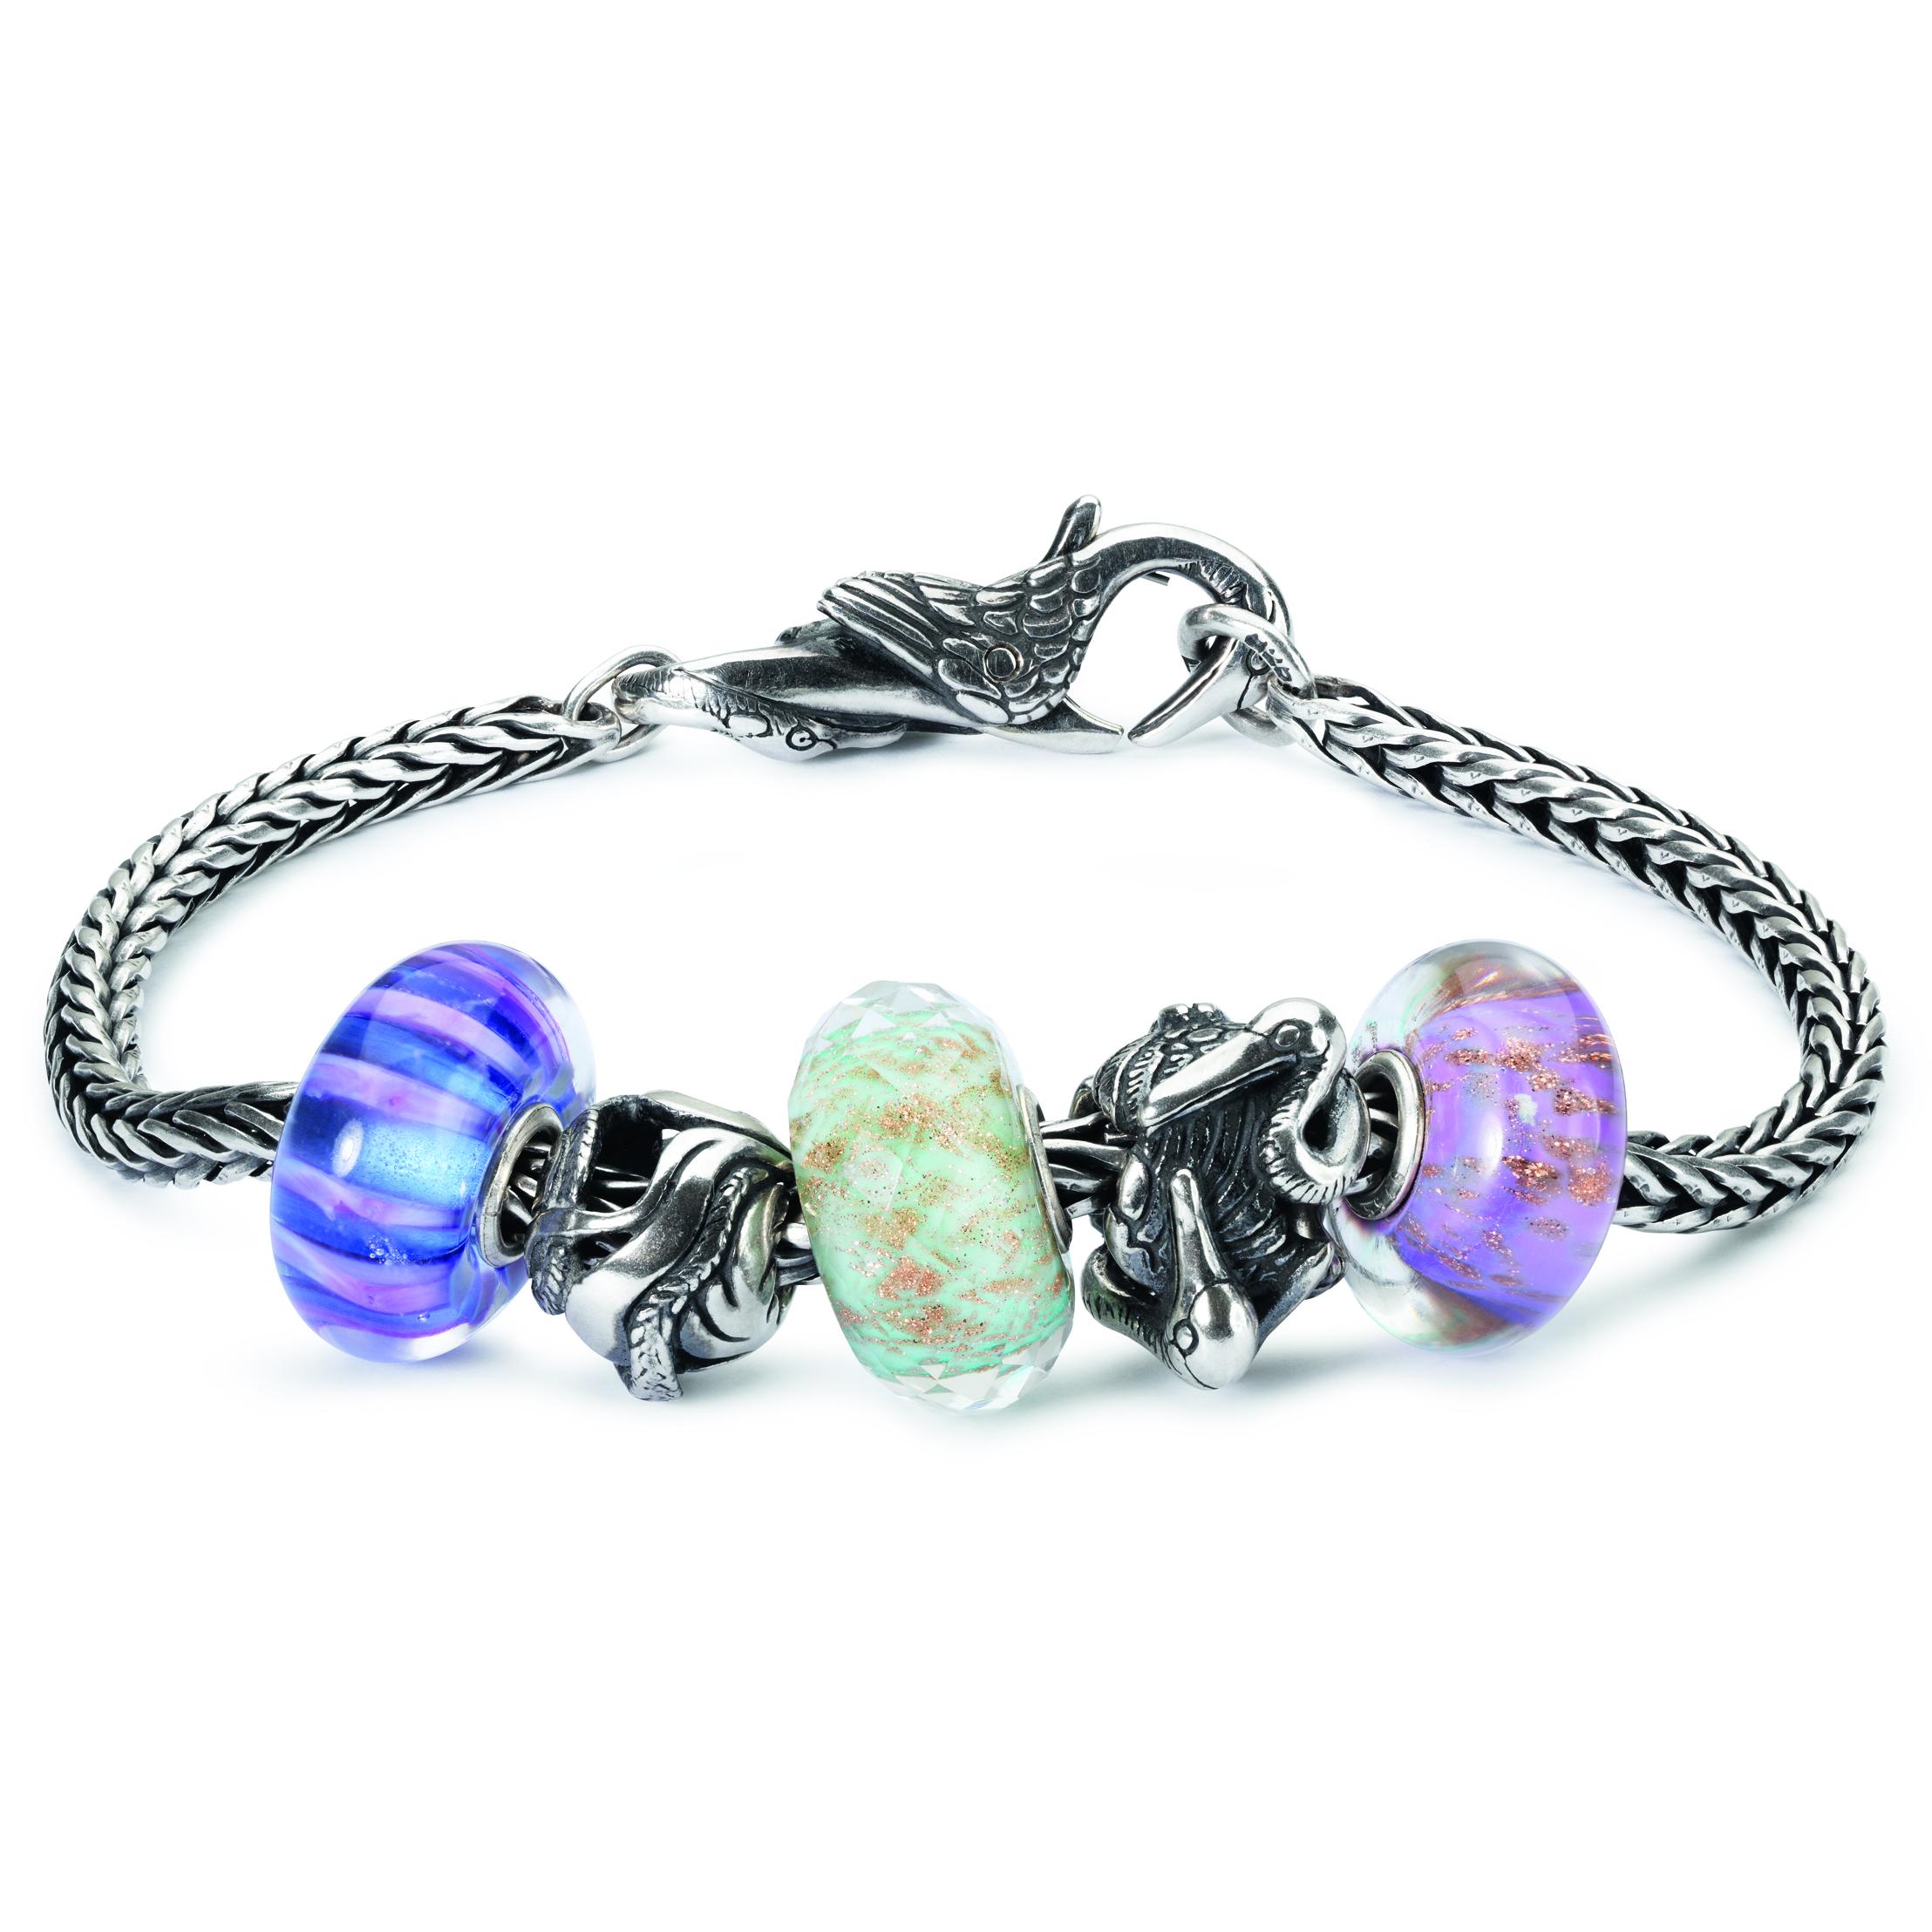 PT_16-01_Bracciale componibile in argento_composto con beads in argento e vetro_1